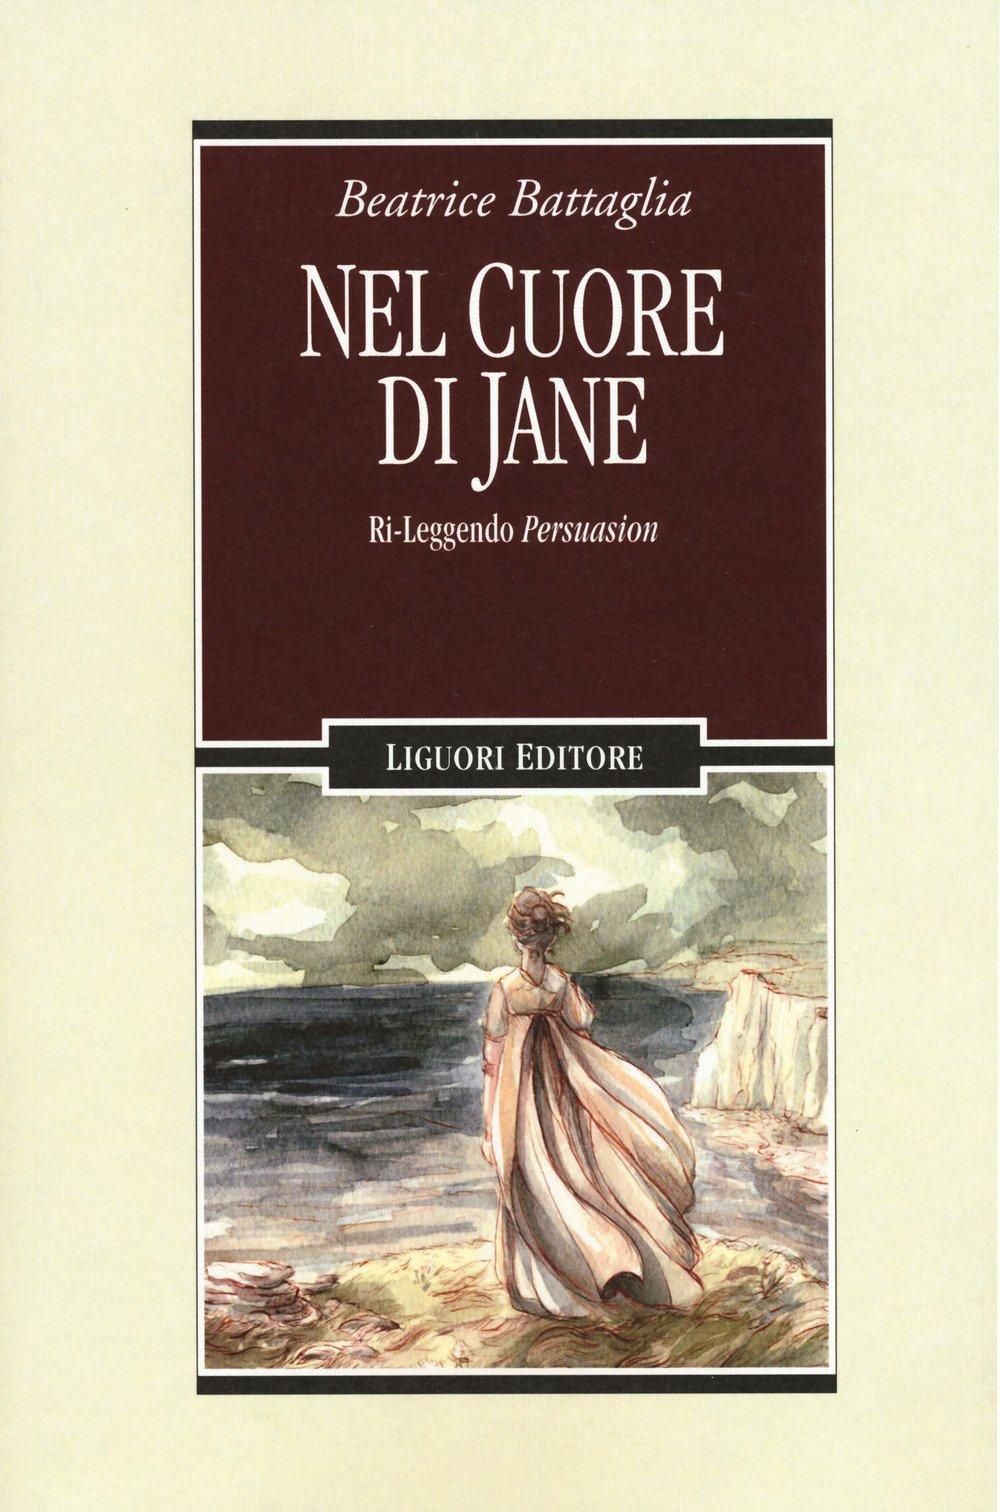 Nel cuore di Jane ri-leggendo Persuasion : Battaglia, Beatrice: Amazon.it:  Libri